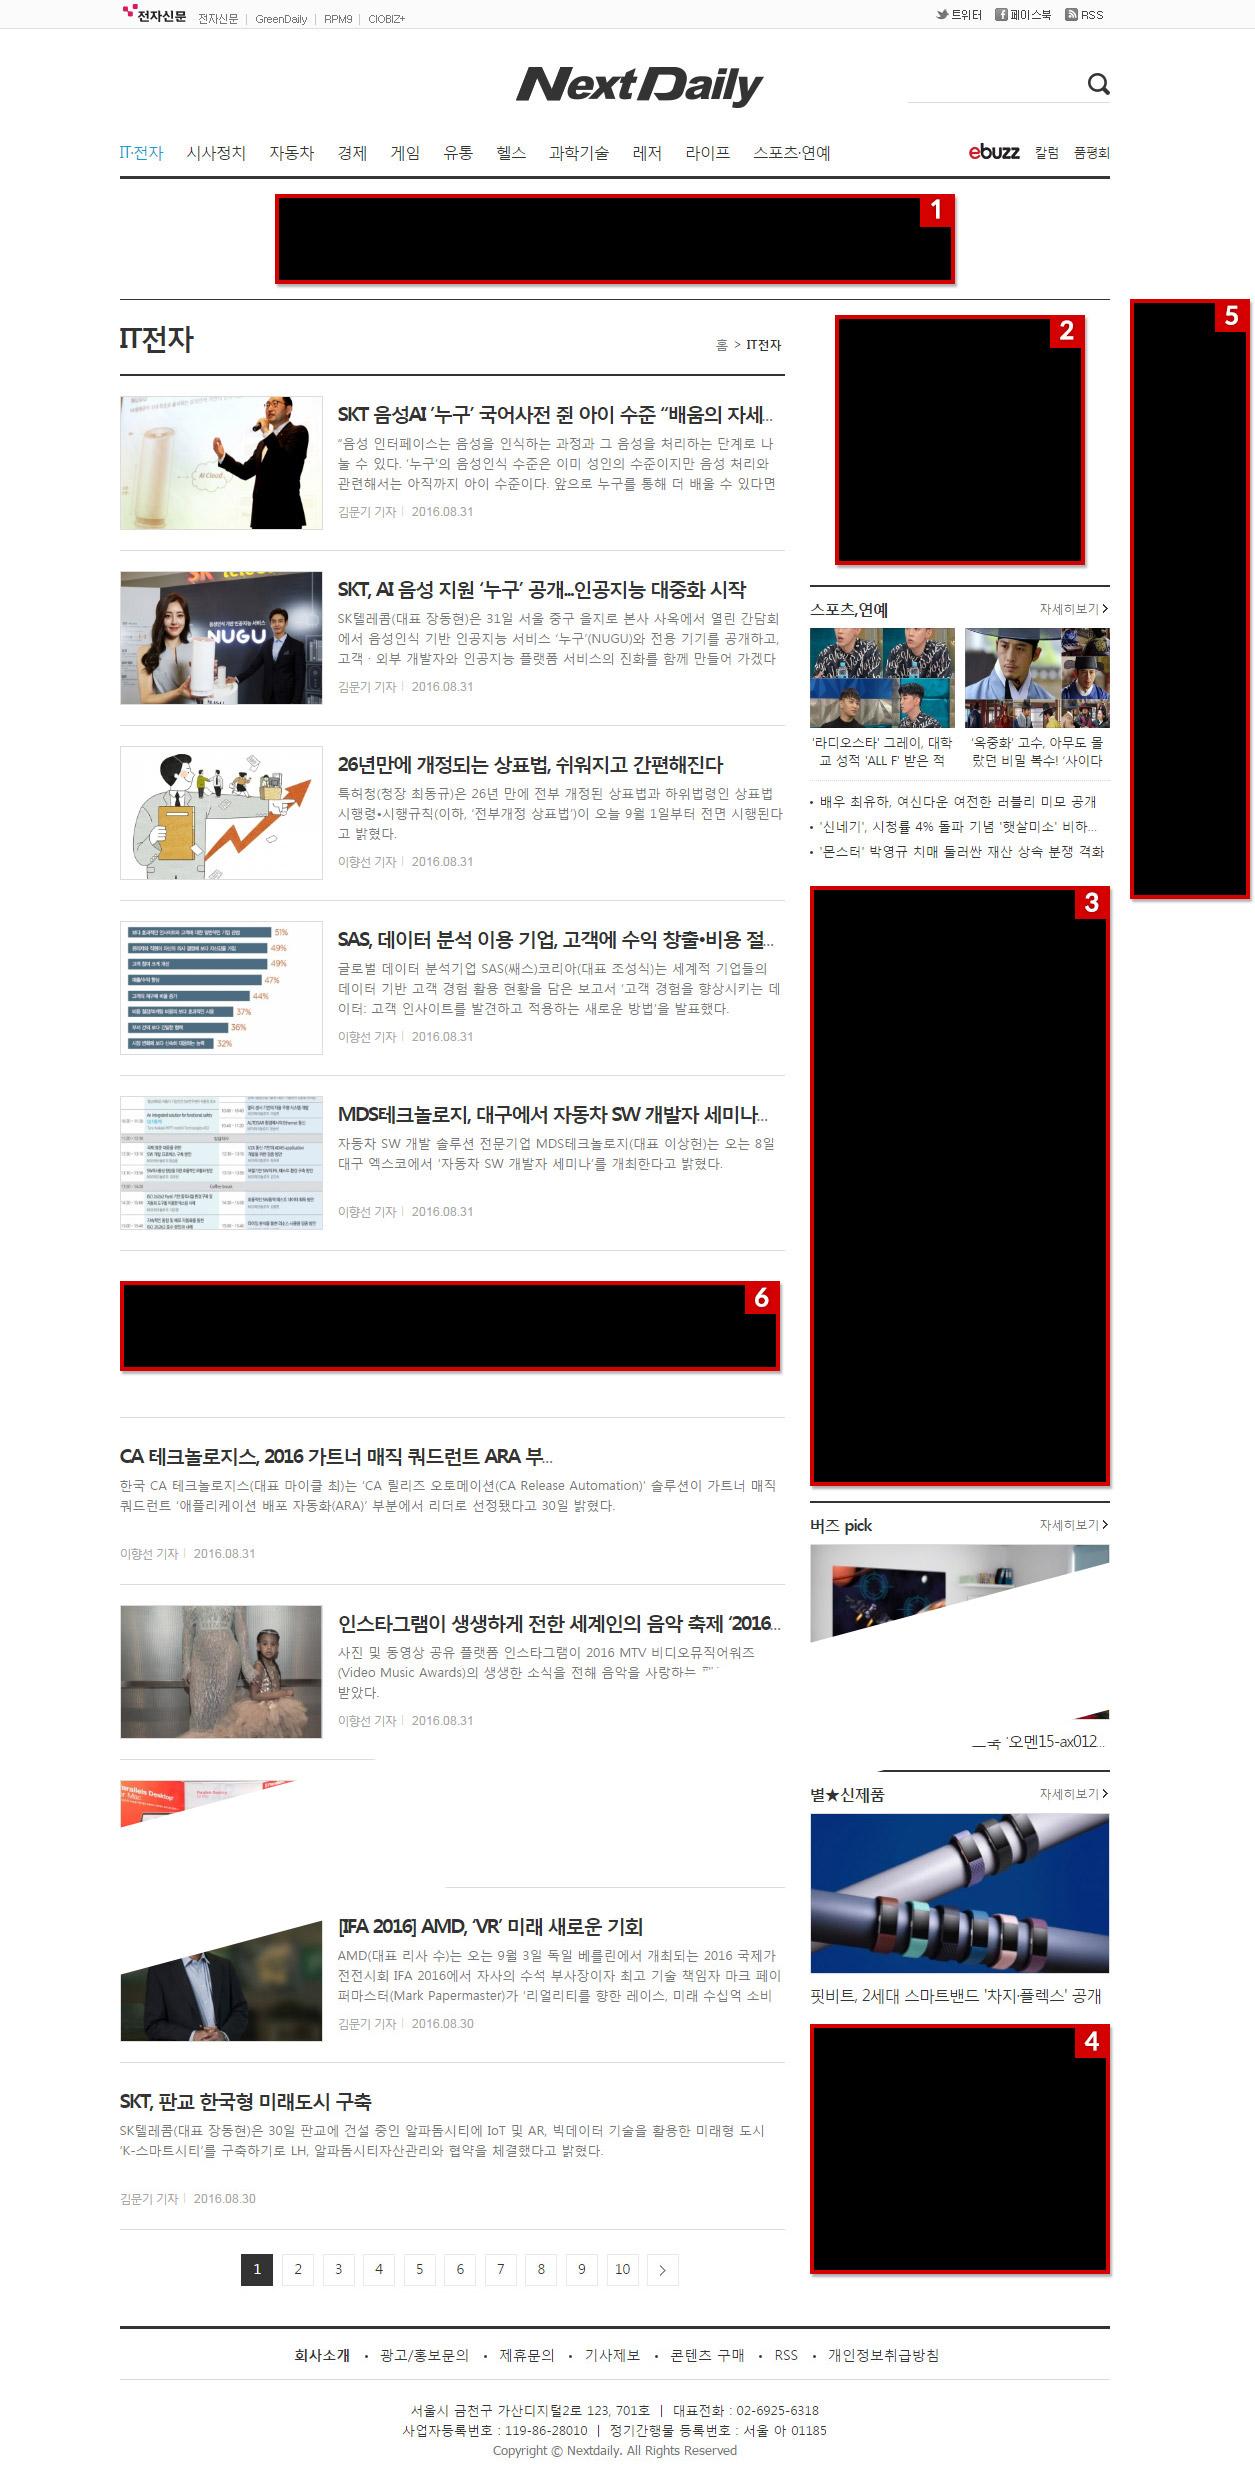 넥스트데일리 기사 목록 페이지 광고 안내